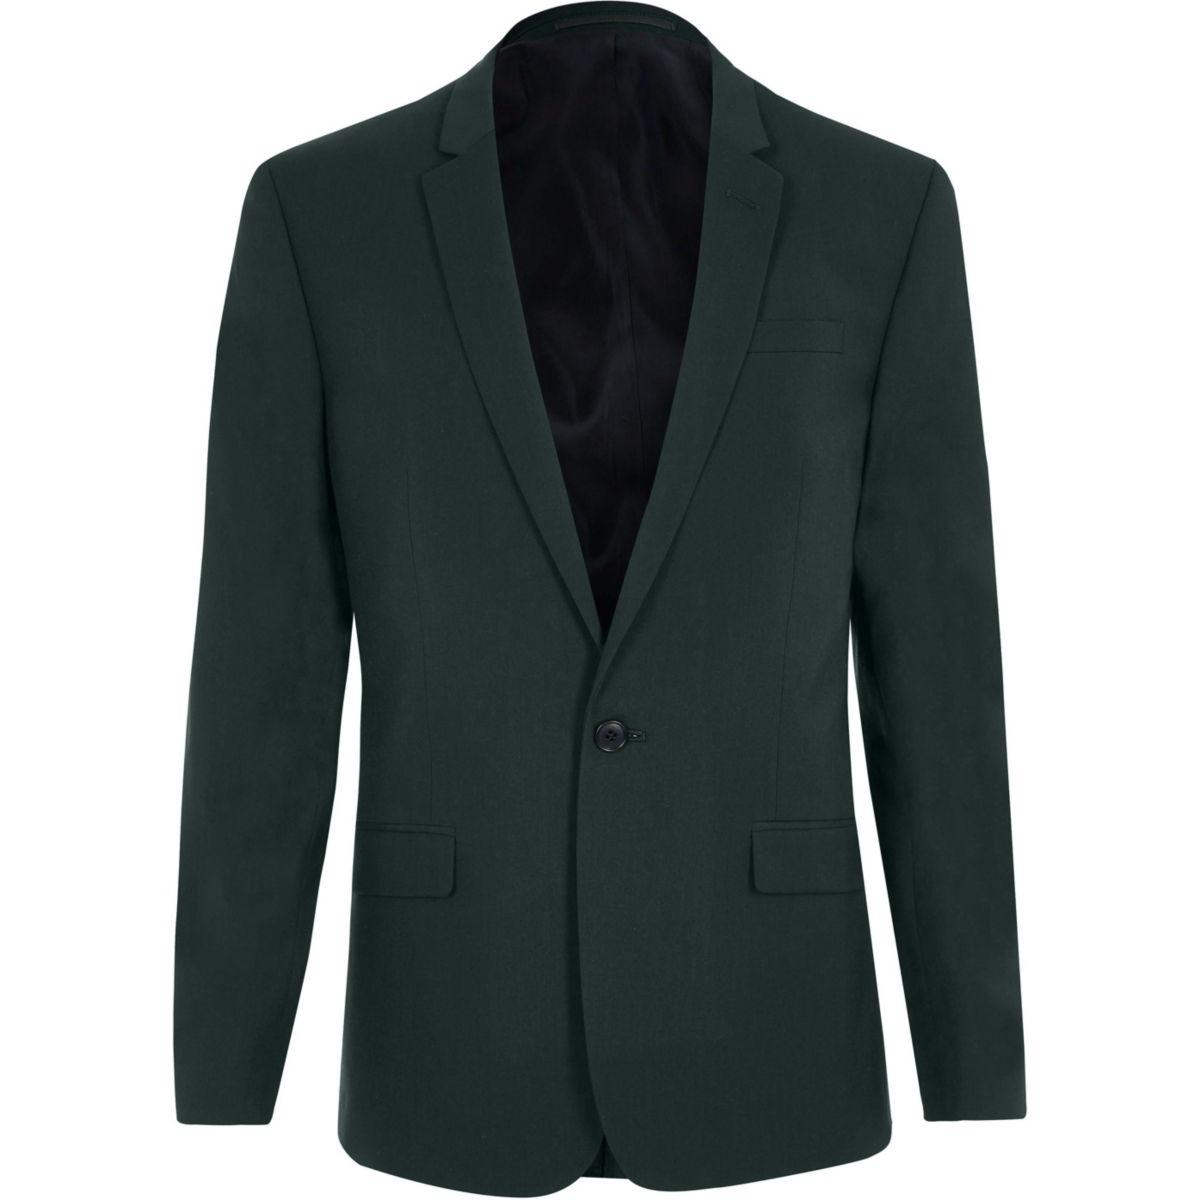 Dark green skinny fit suit jacket